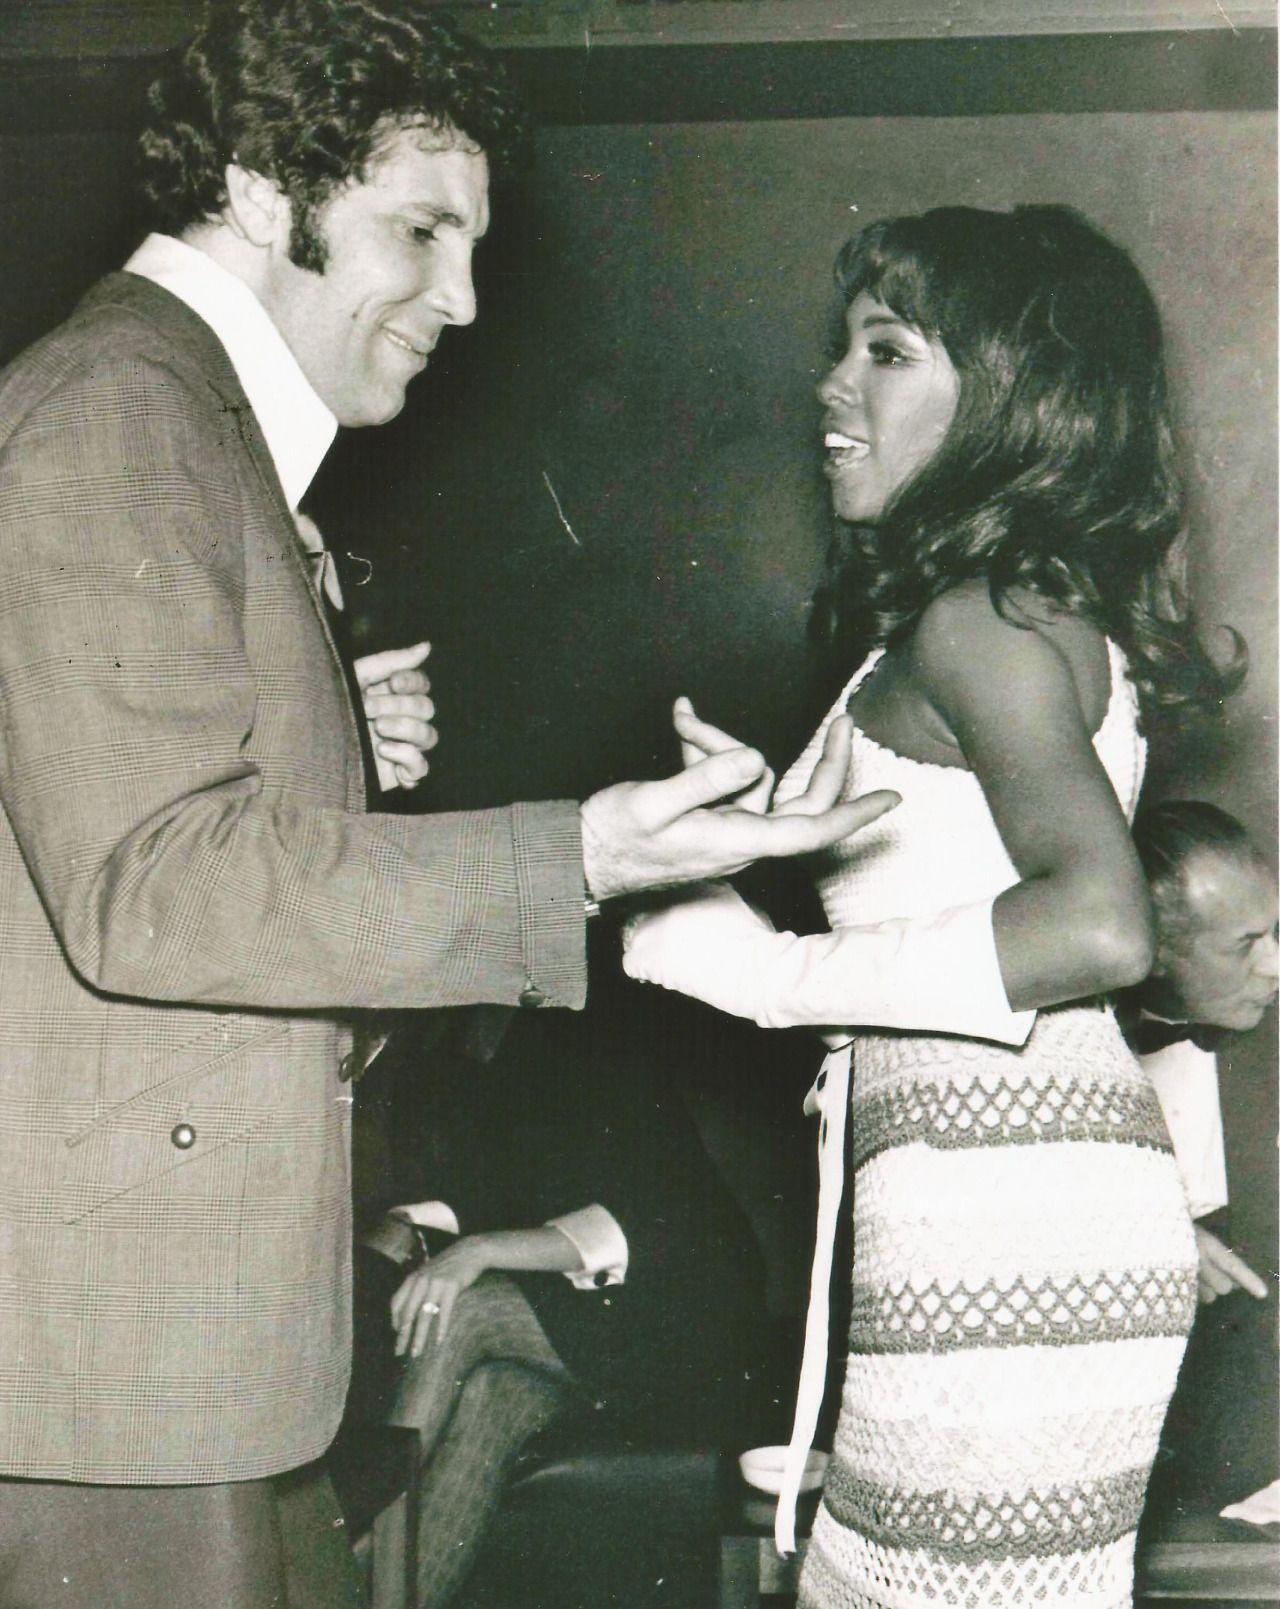 Mary Wilson With Then Boyfriend Singer Tom Jones 1968 Supreme